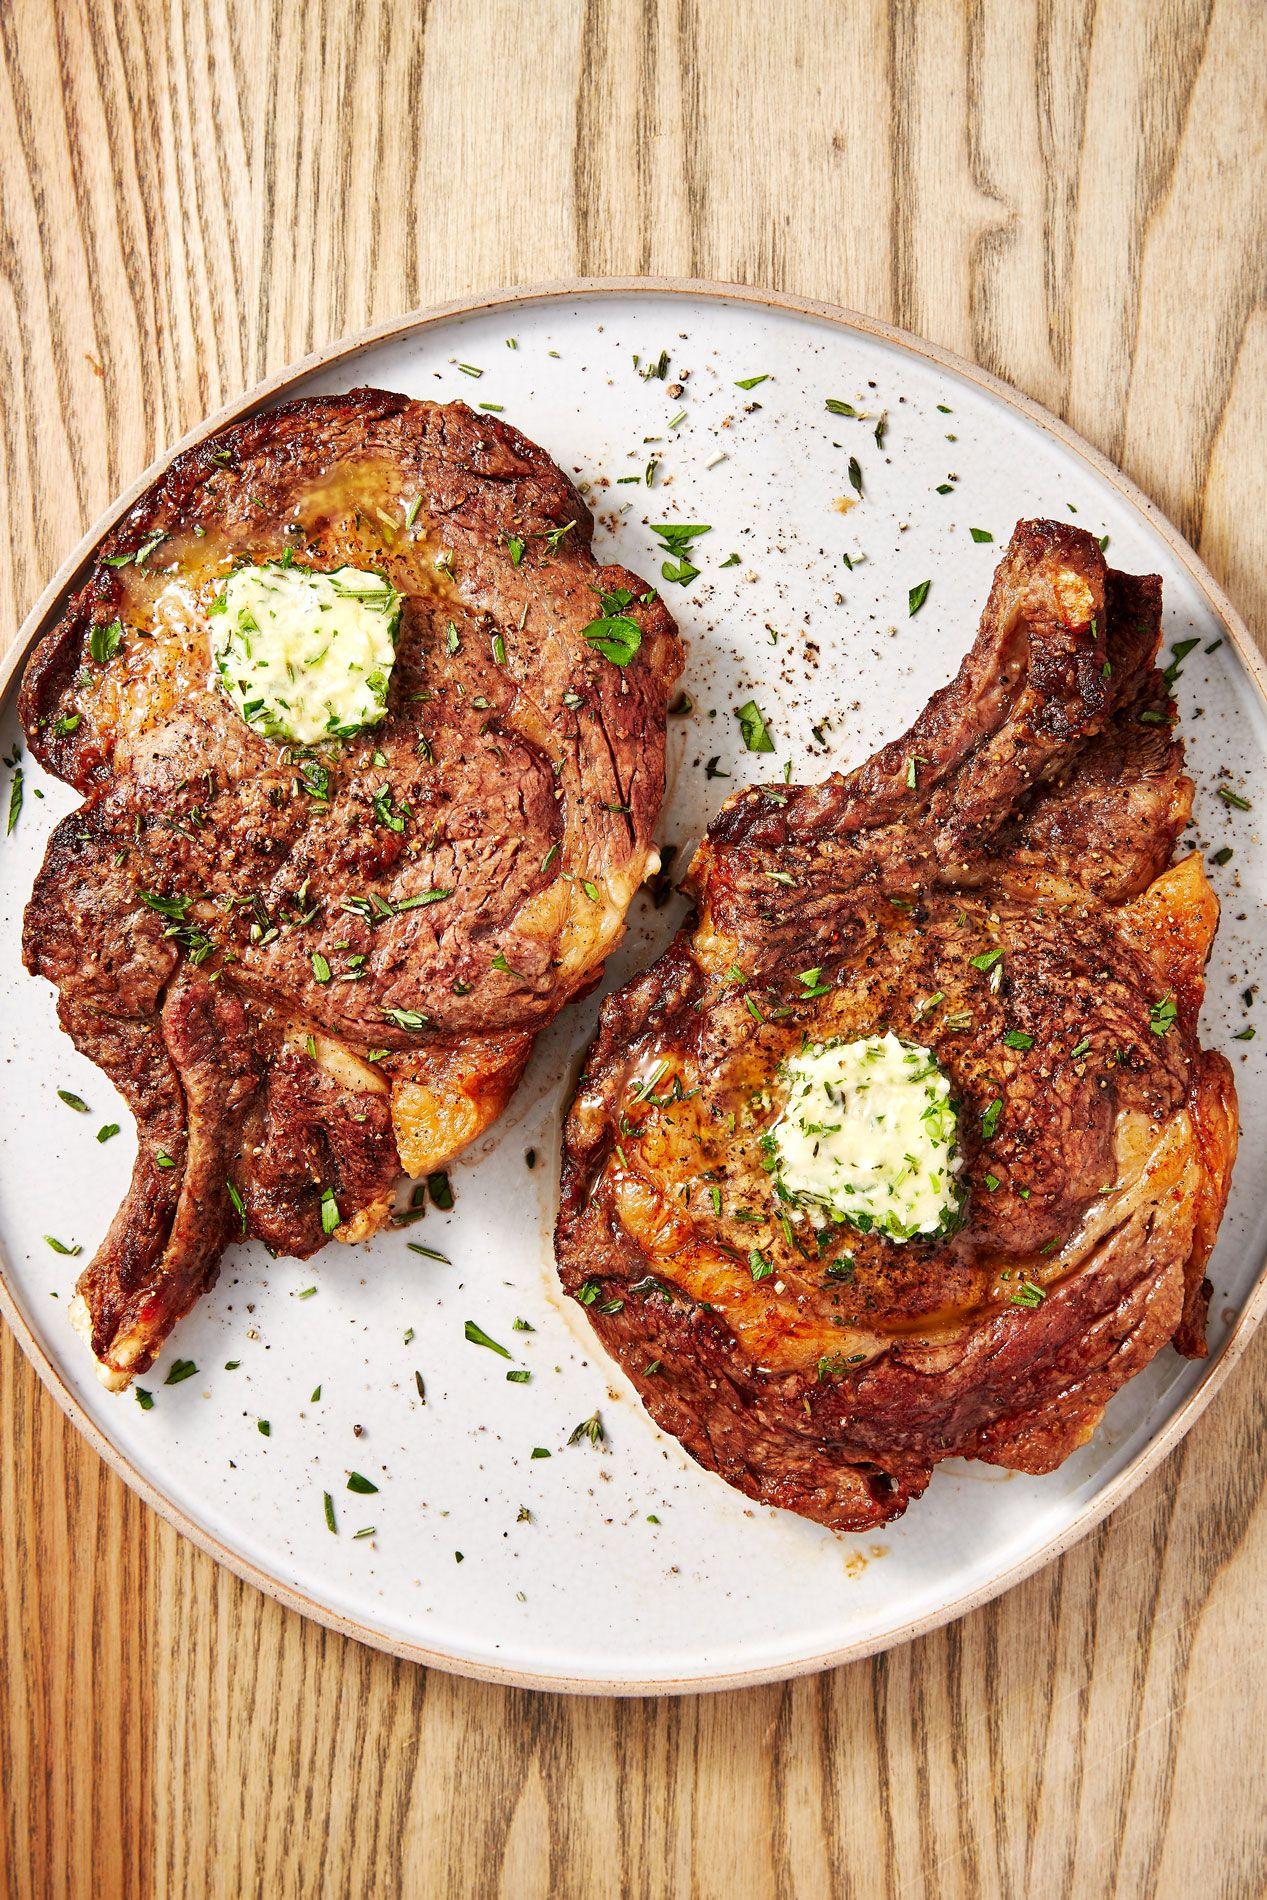 8+ Steak Dinner Recipes - Easy Ideas for Cooking Steak